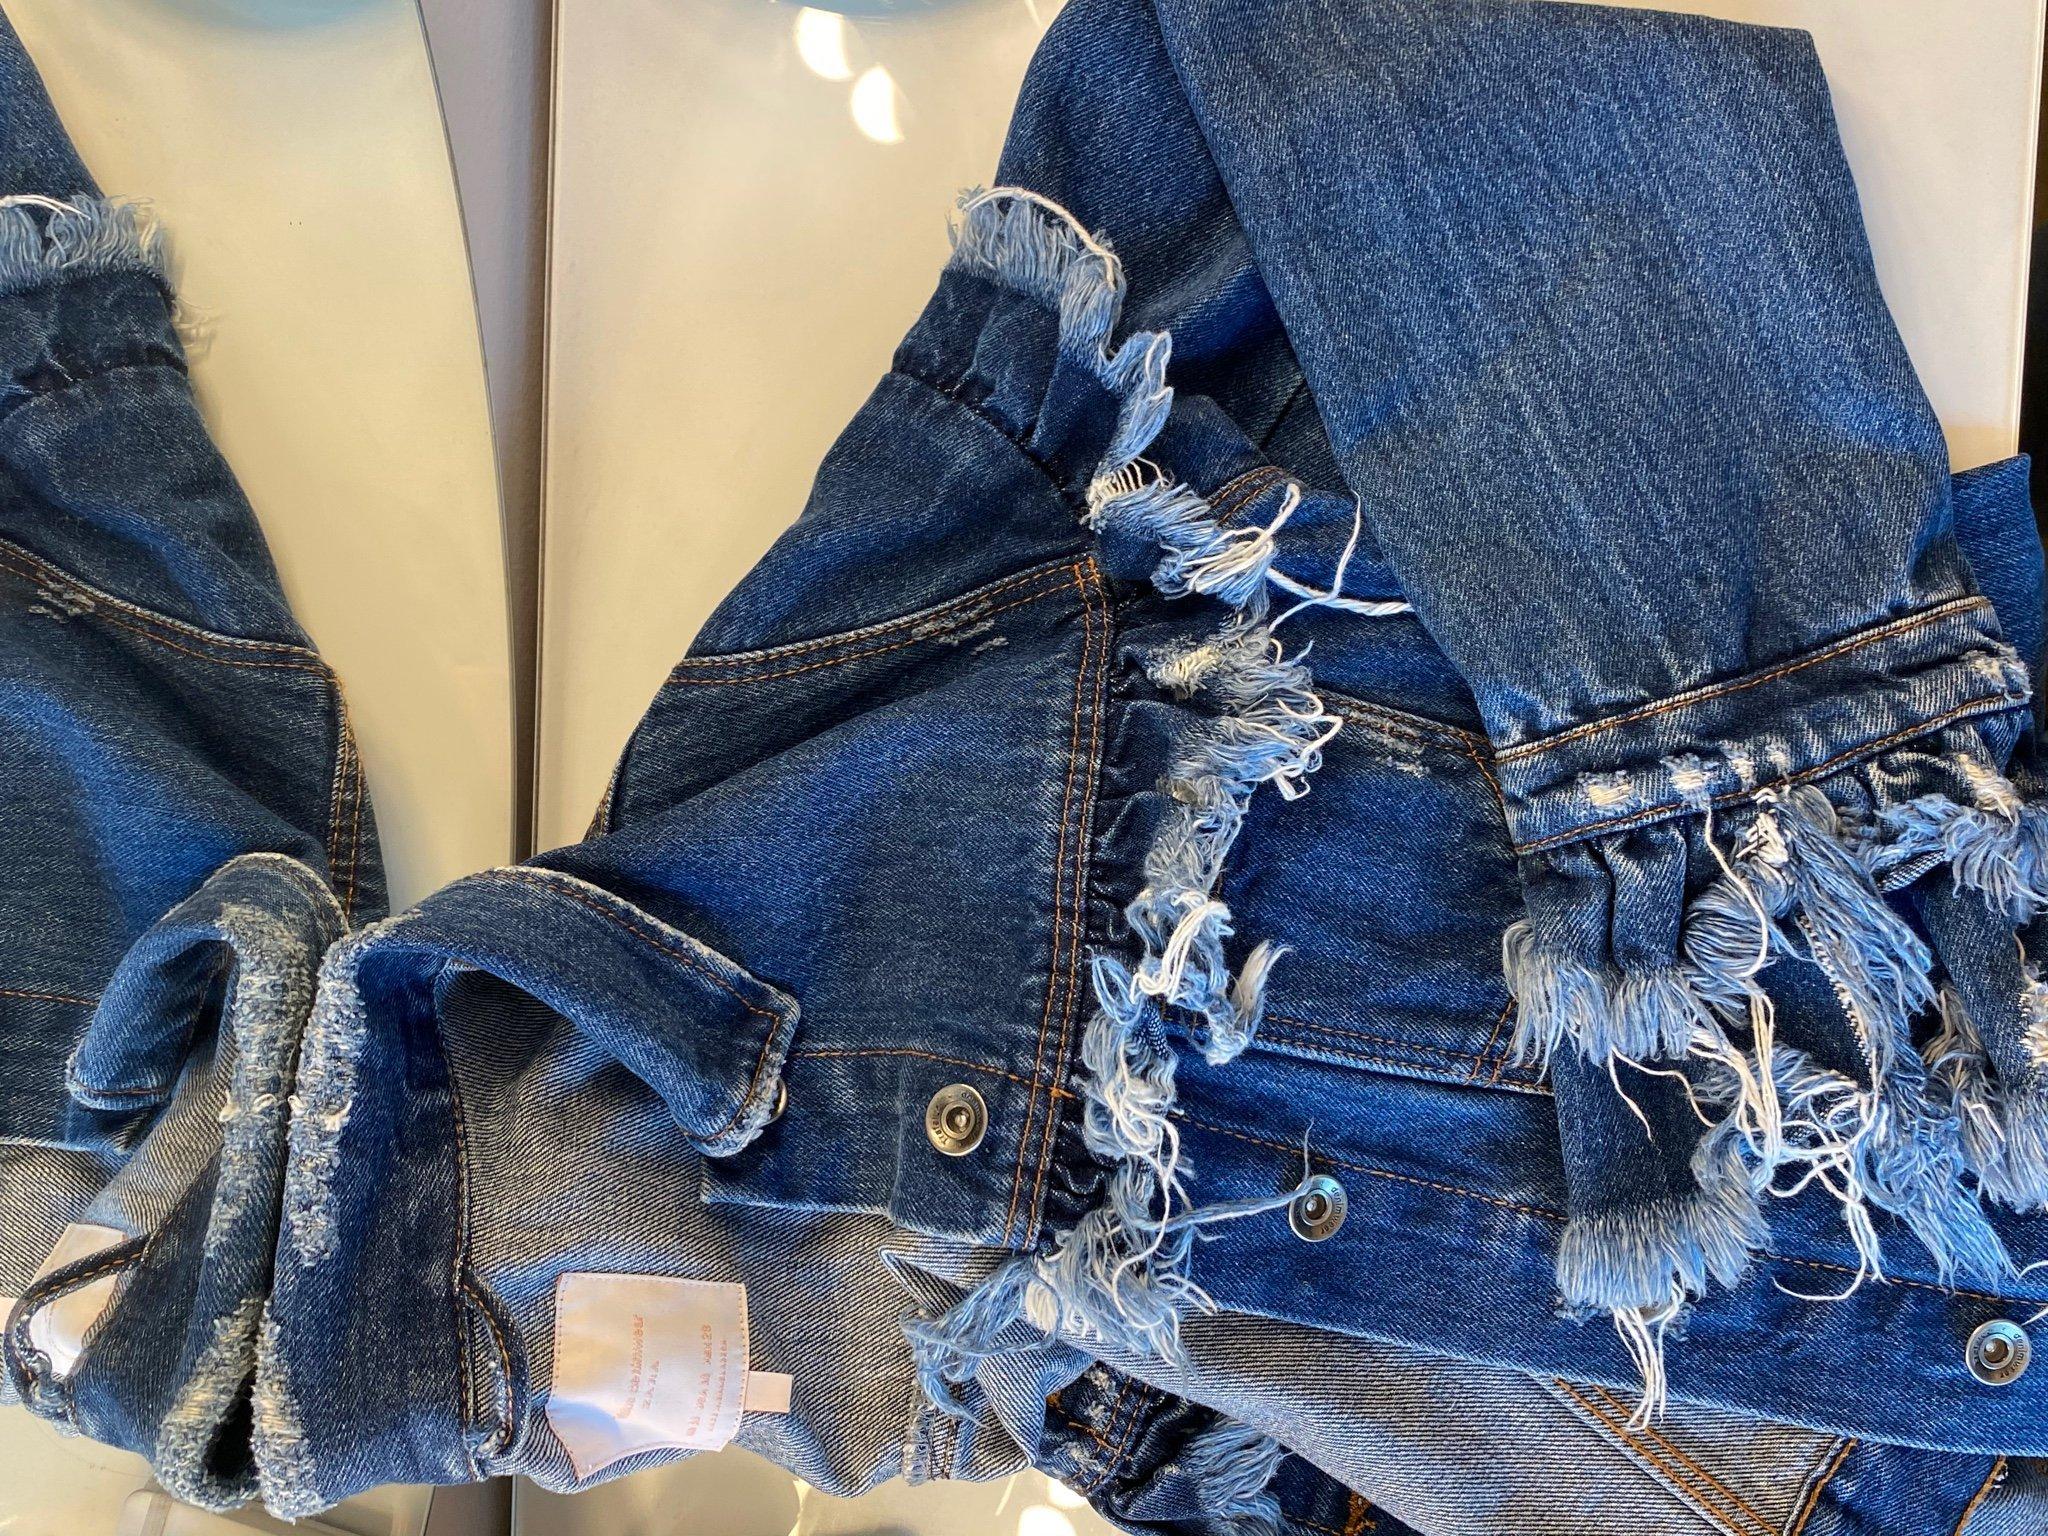 Sliten jeansjacka (421159056) ᐈ Köp på Tradera